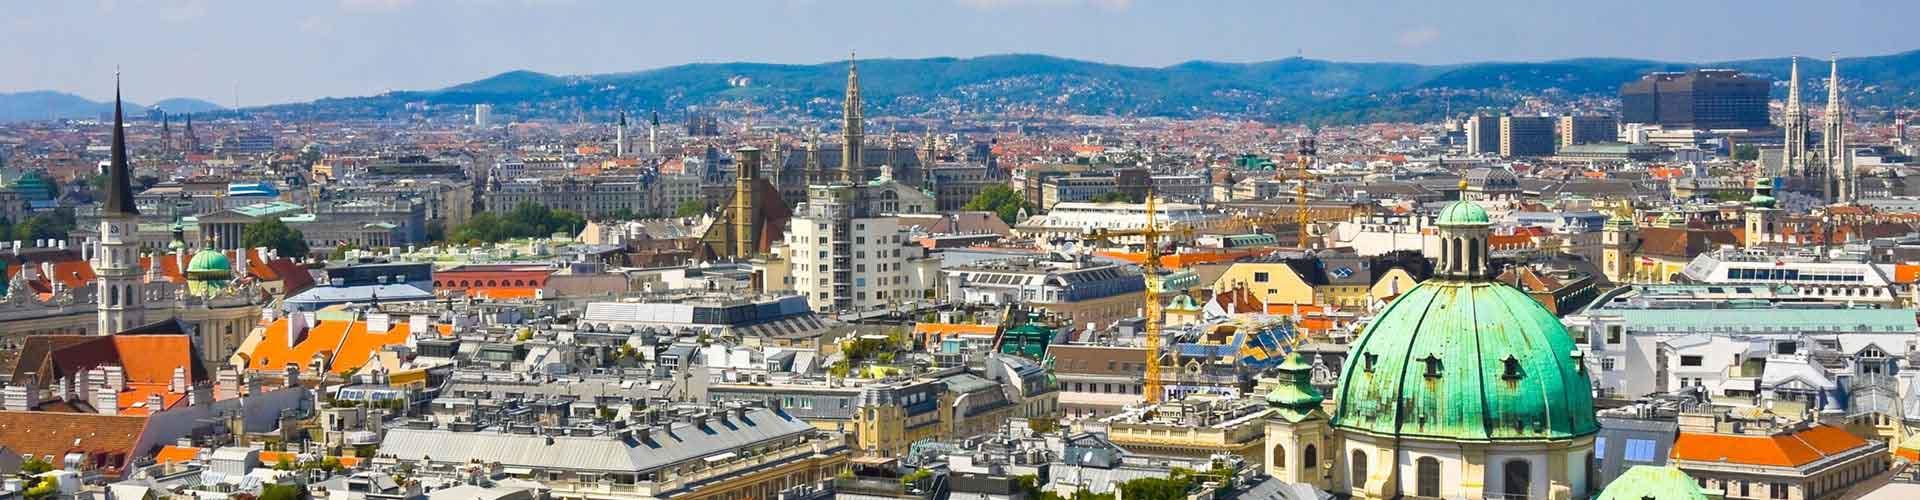 Viena - Campamentos en el distrito Salmannsdorf. Mapas de Viena, Fotos y comentarios de cada Campamento en Viena.